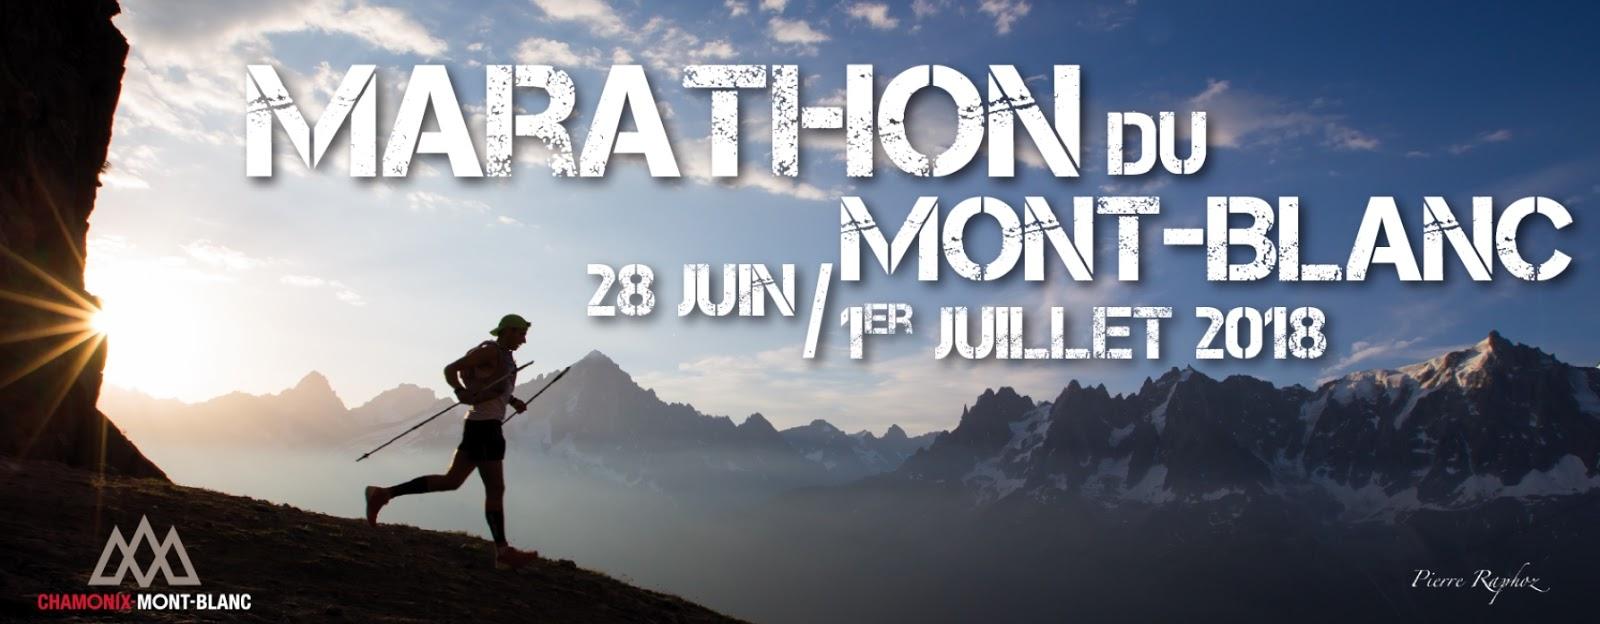 les maratouristes dreux 28 cross marathon 90km du mont blanc ouverture des inscriptions ce lundi